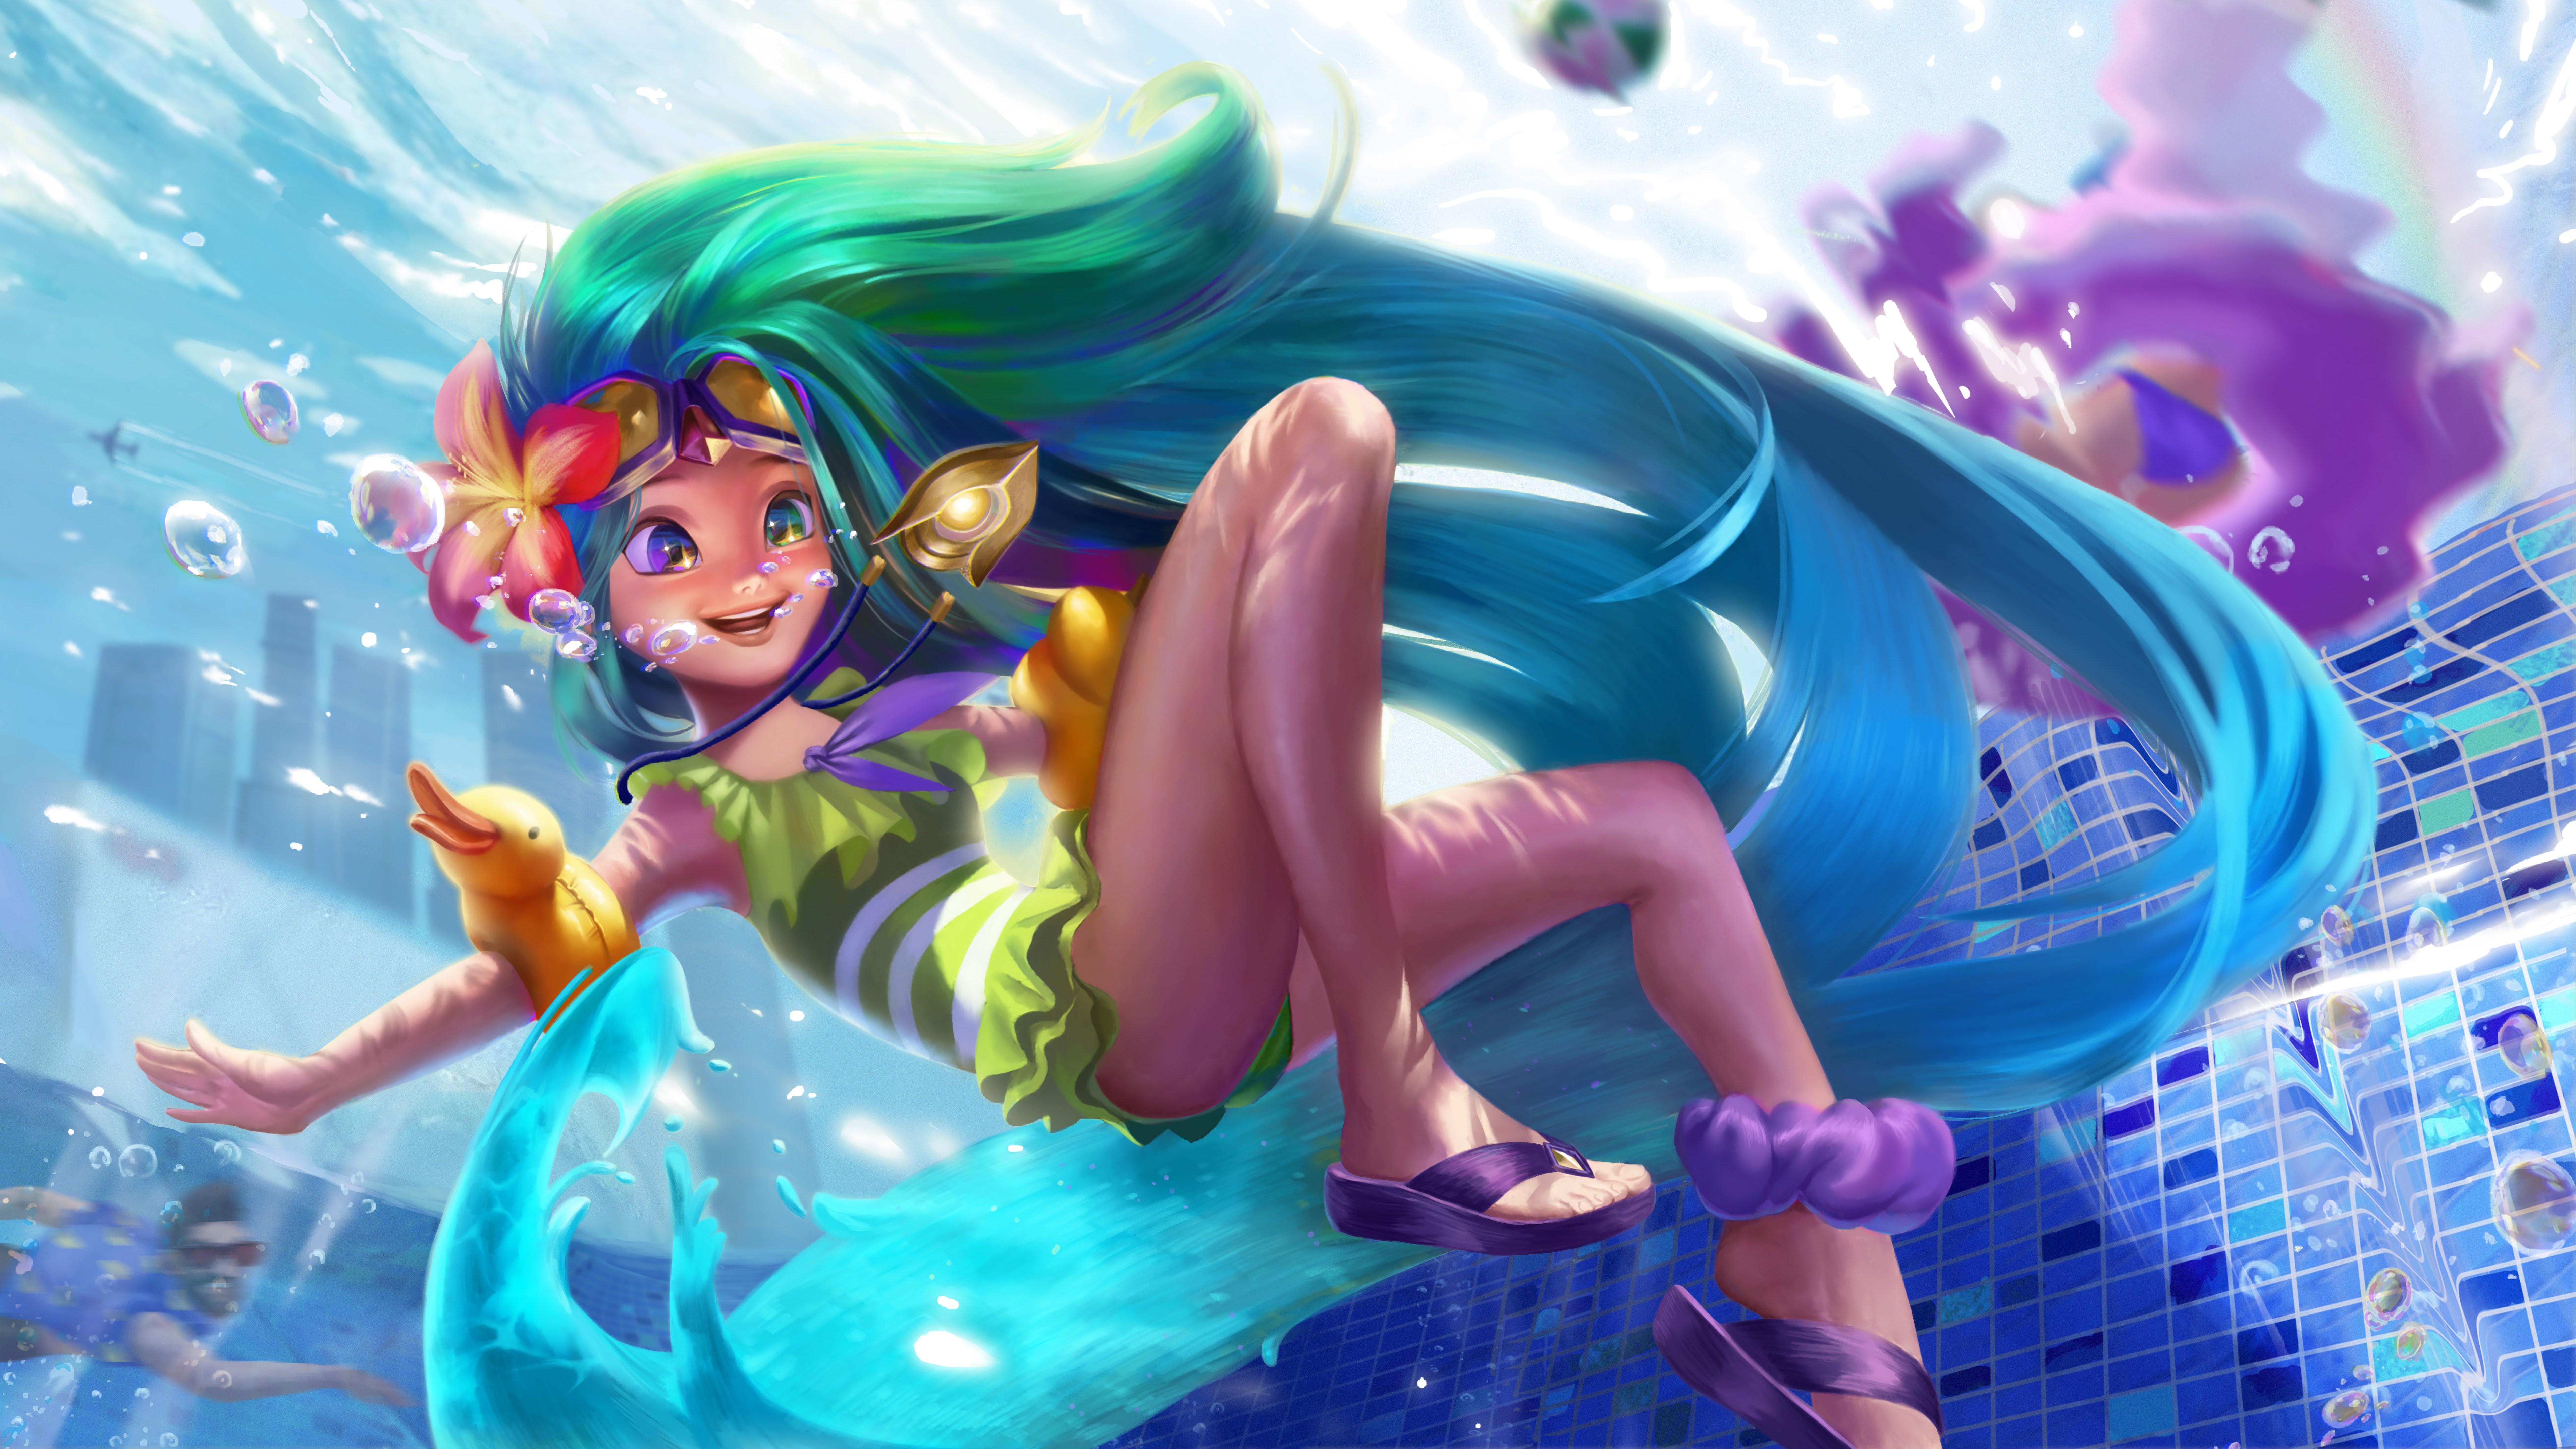 pool party zoe league of legends lol lol 1574104715 - Pool Party Zoe League Of Legends LoL lol - Zoe, Pool Party - League of Legends, league of legends